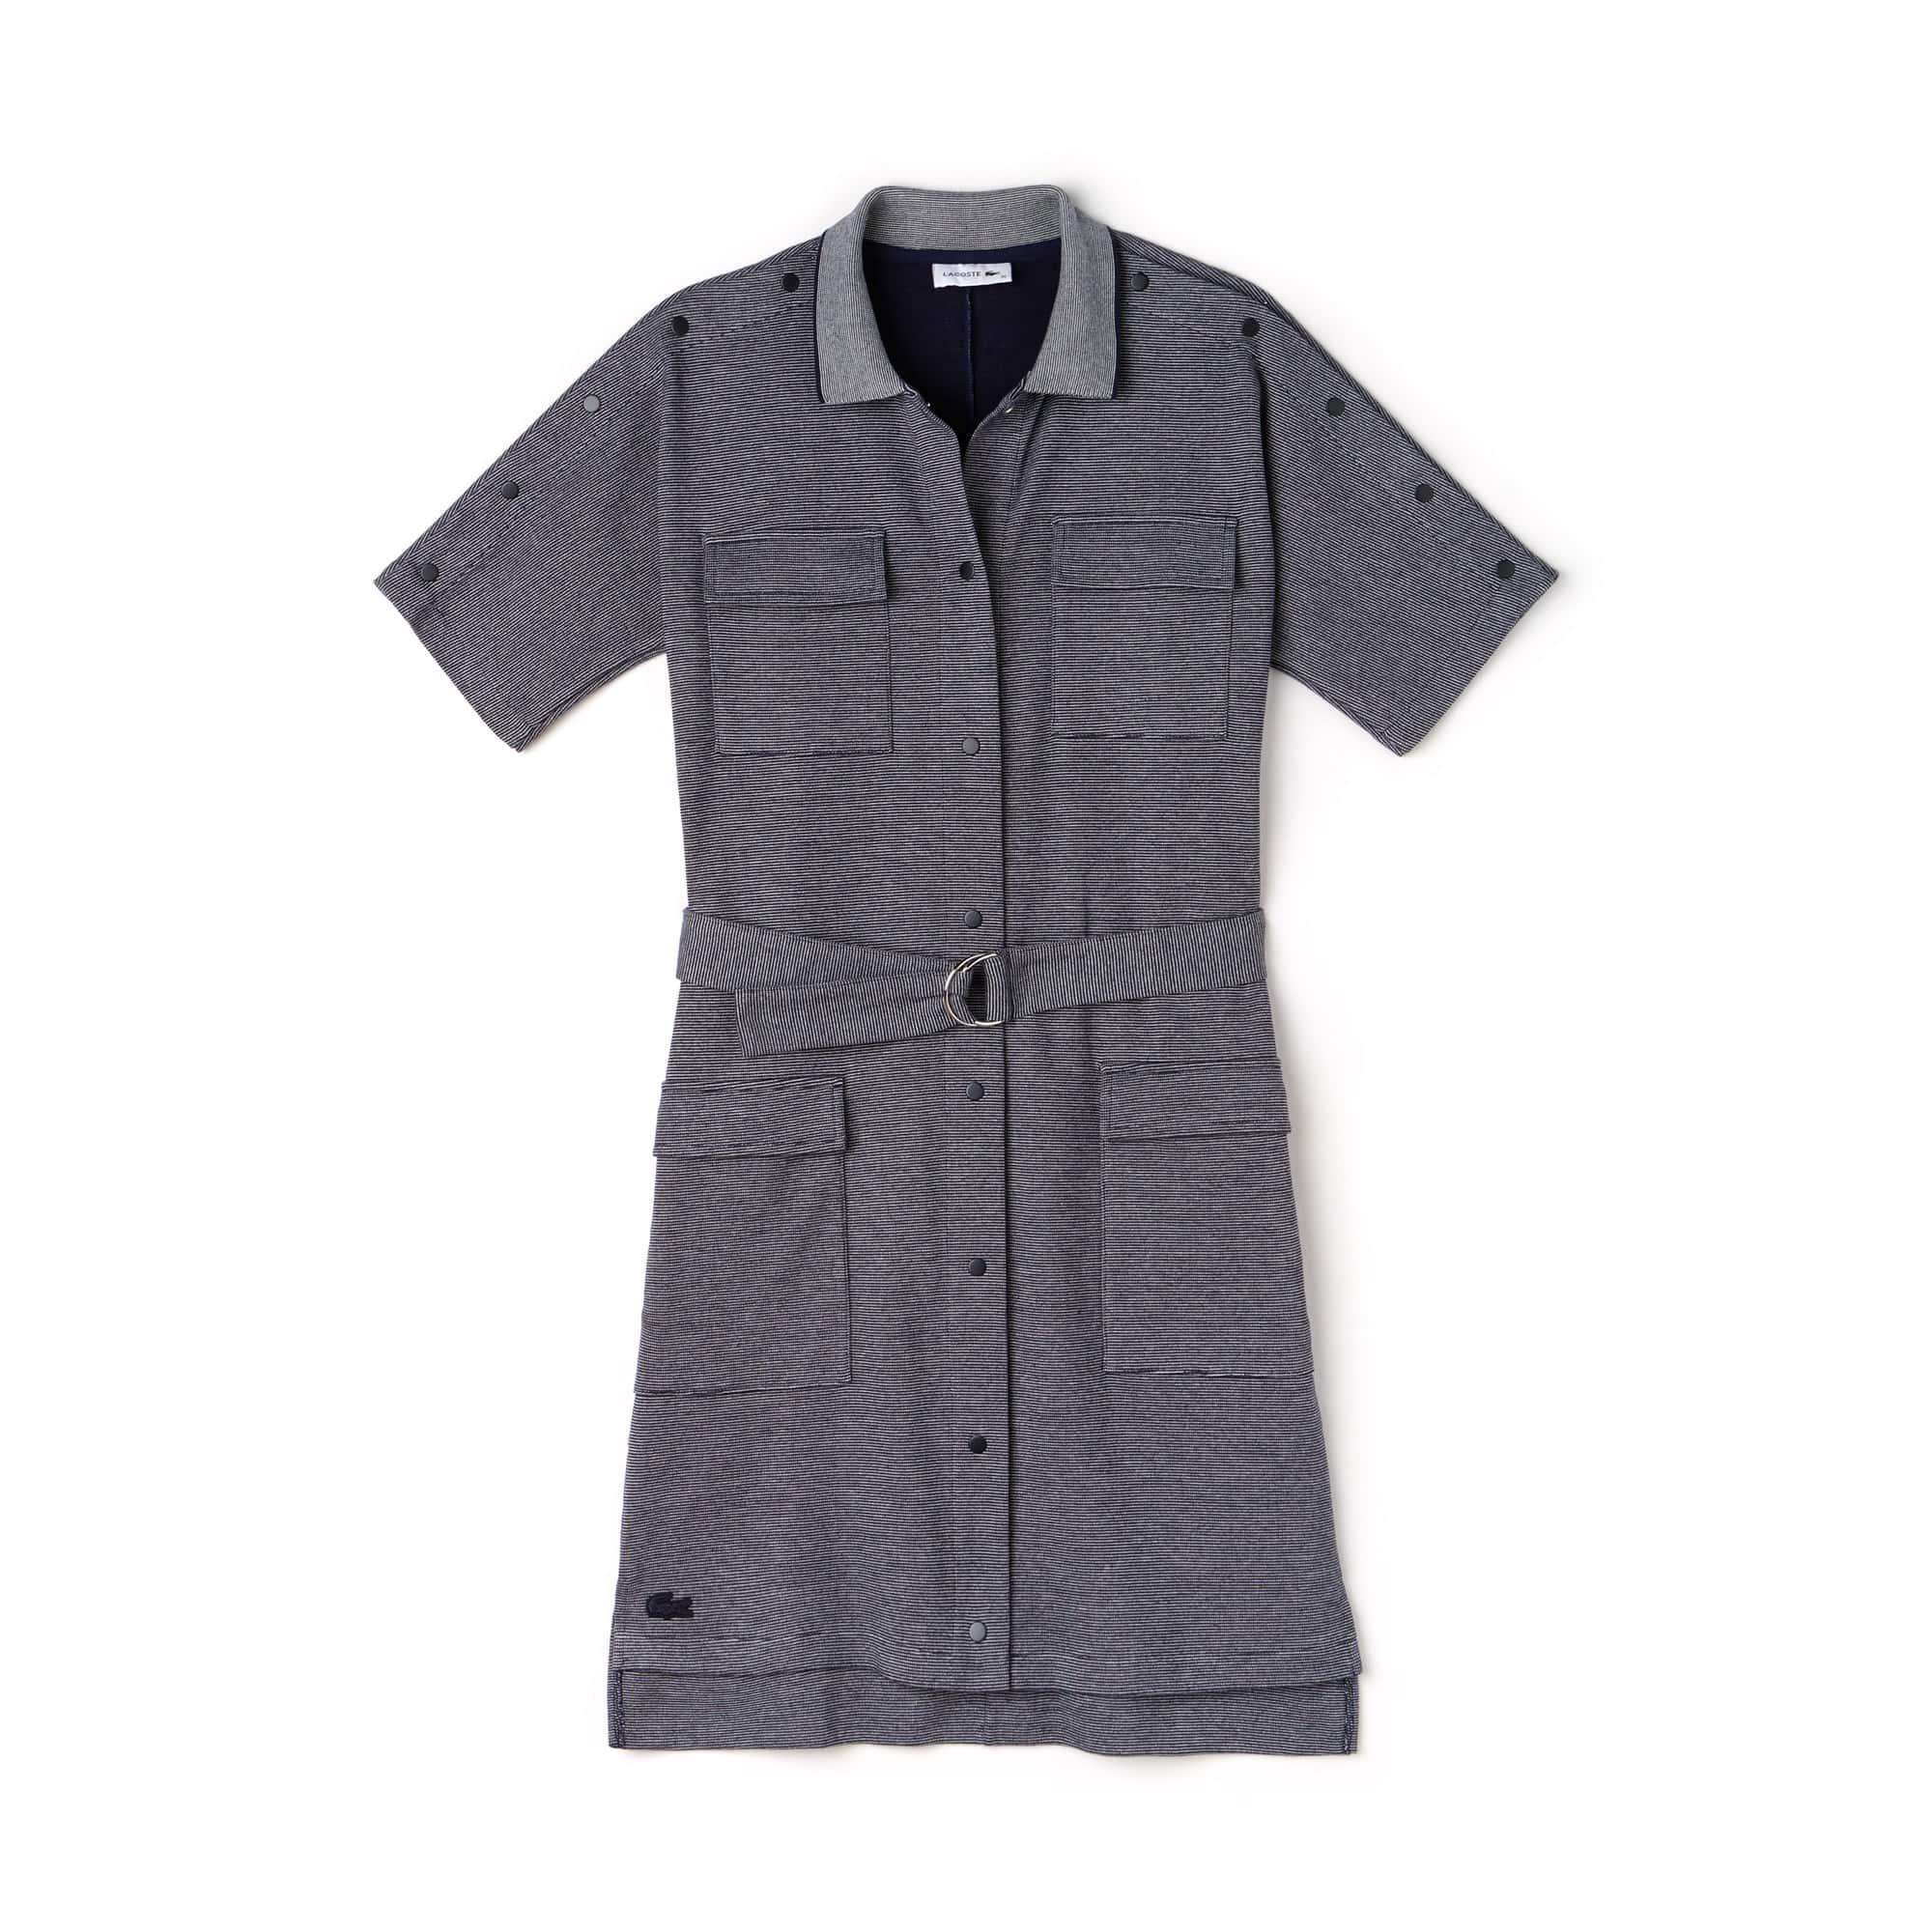 Damen-Hemdkleid aus Piqué mit Nadelstreifen und Gürtel